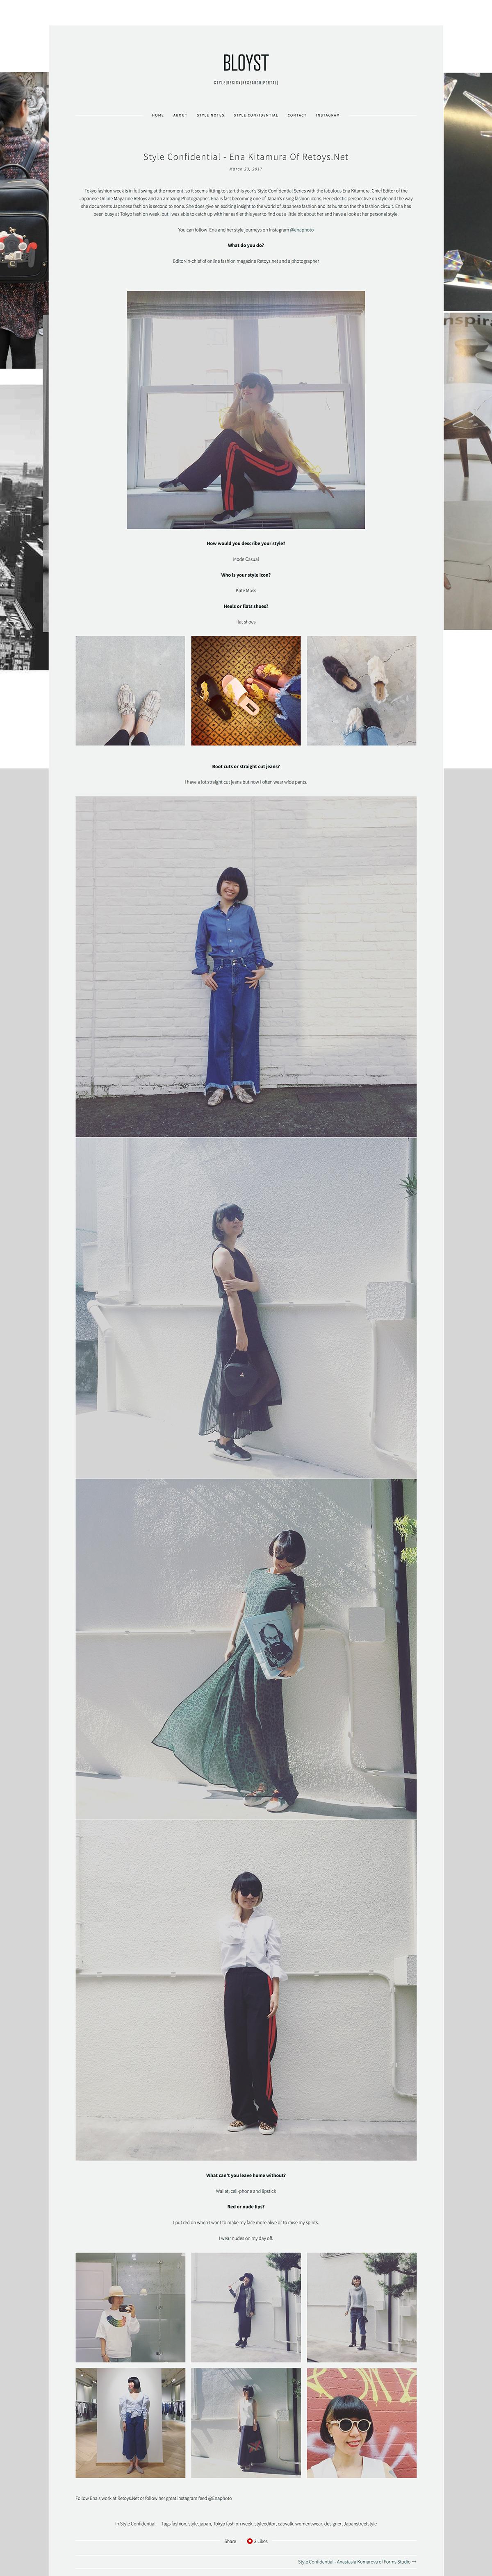 Style Confident_bloyst_ena-kitamura